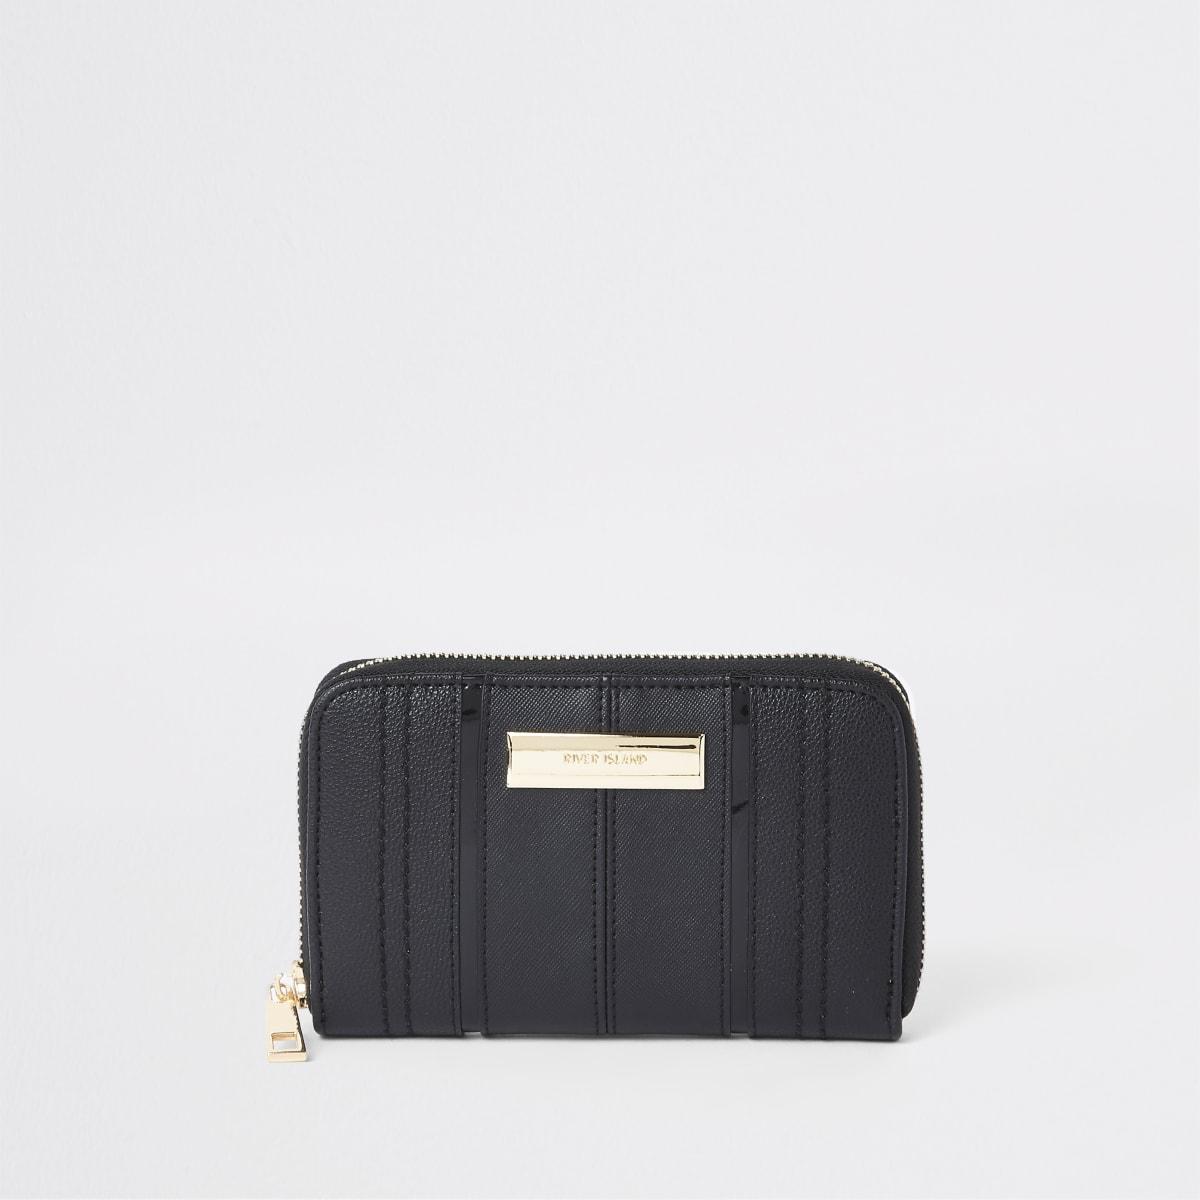 Mini porte-monnaie noir à empiècements zippé